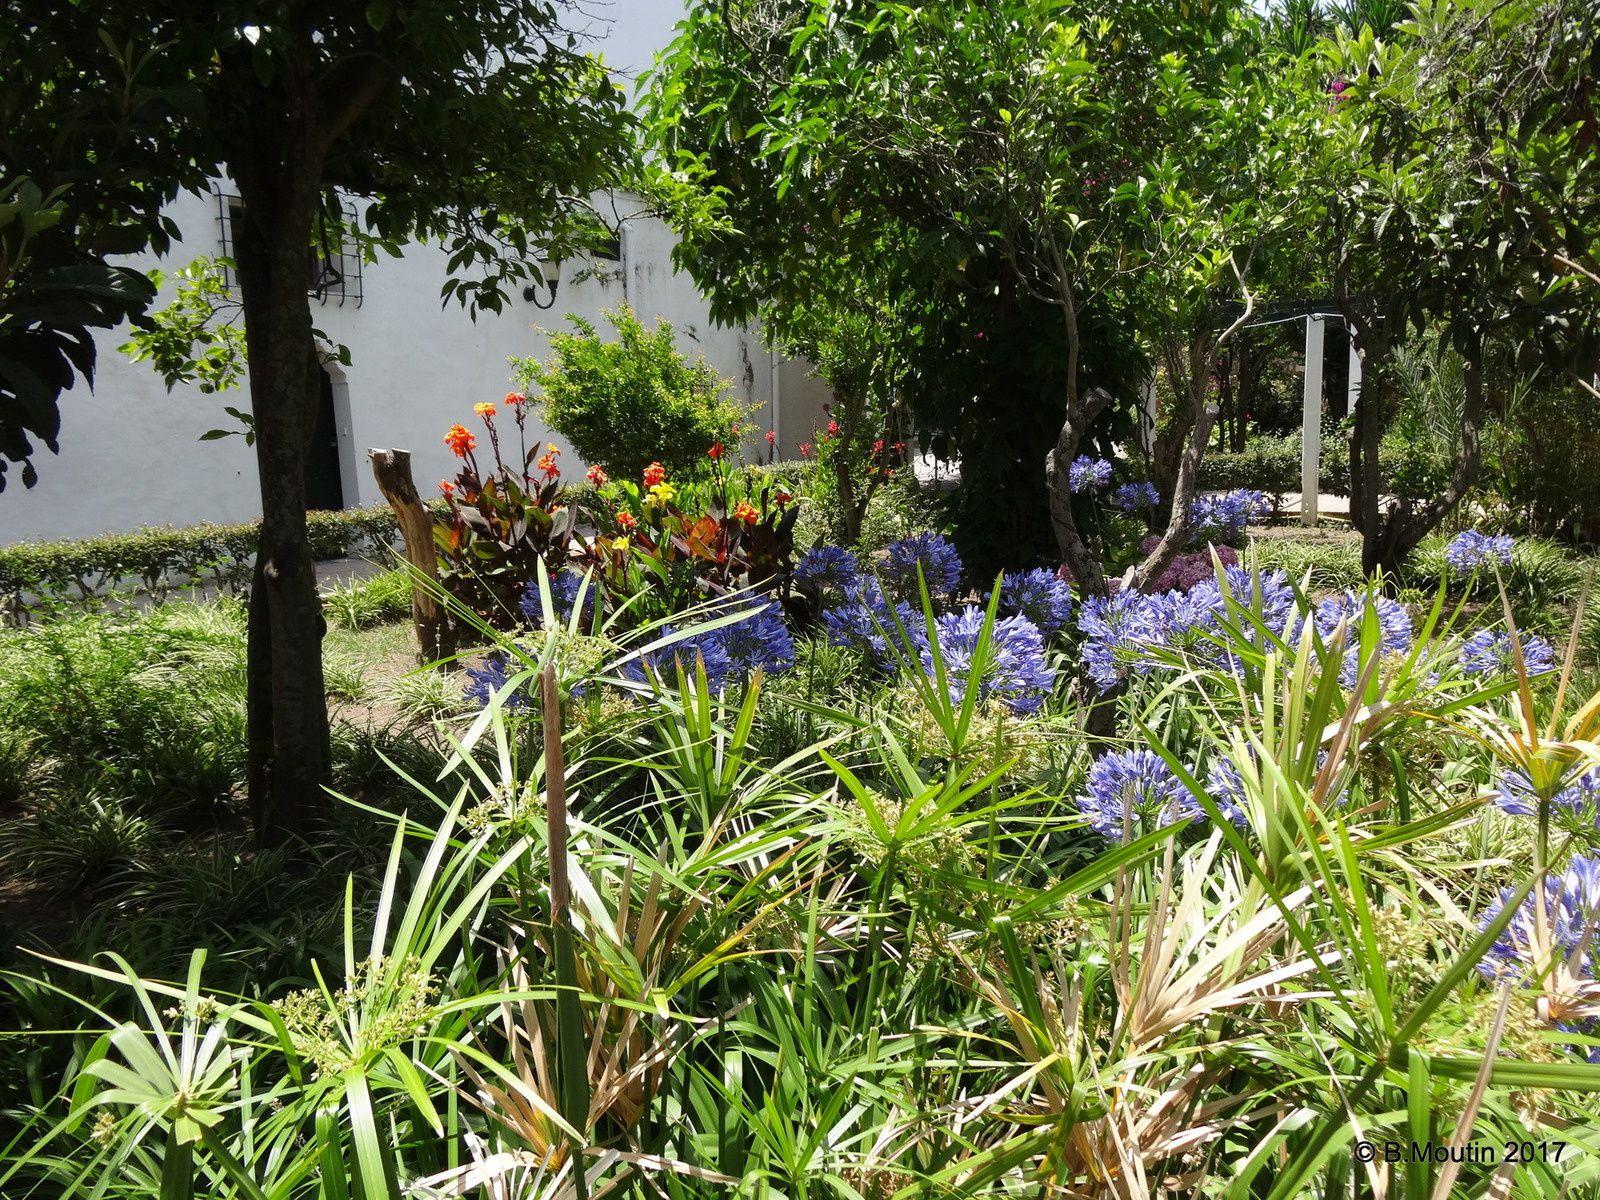 Un peu de fraîcheur colorée dans le jardin du Musée de la Kasbah à Tanger (4 photos)